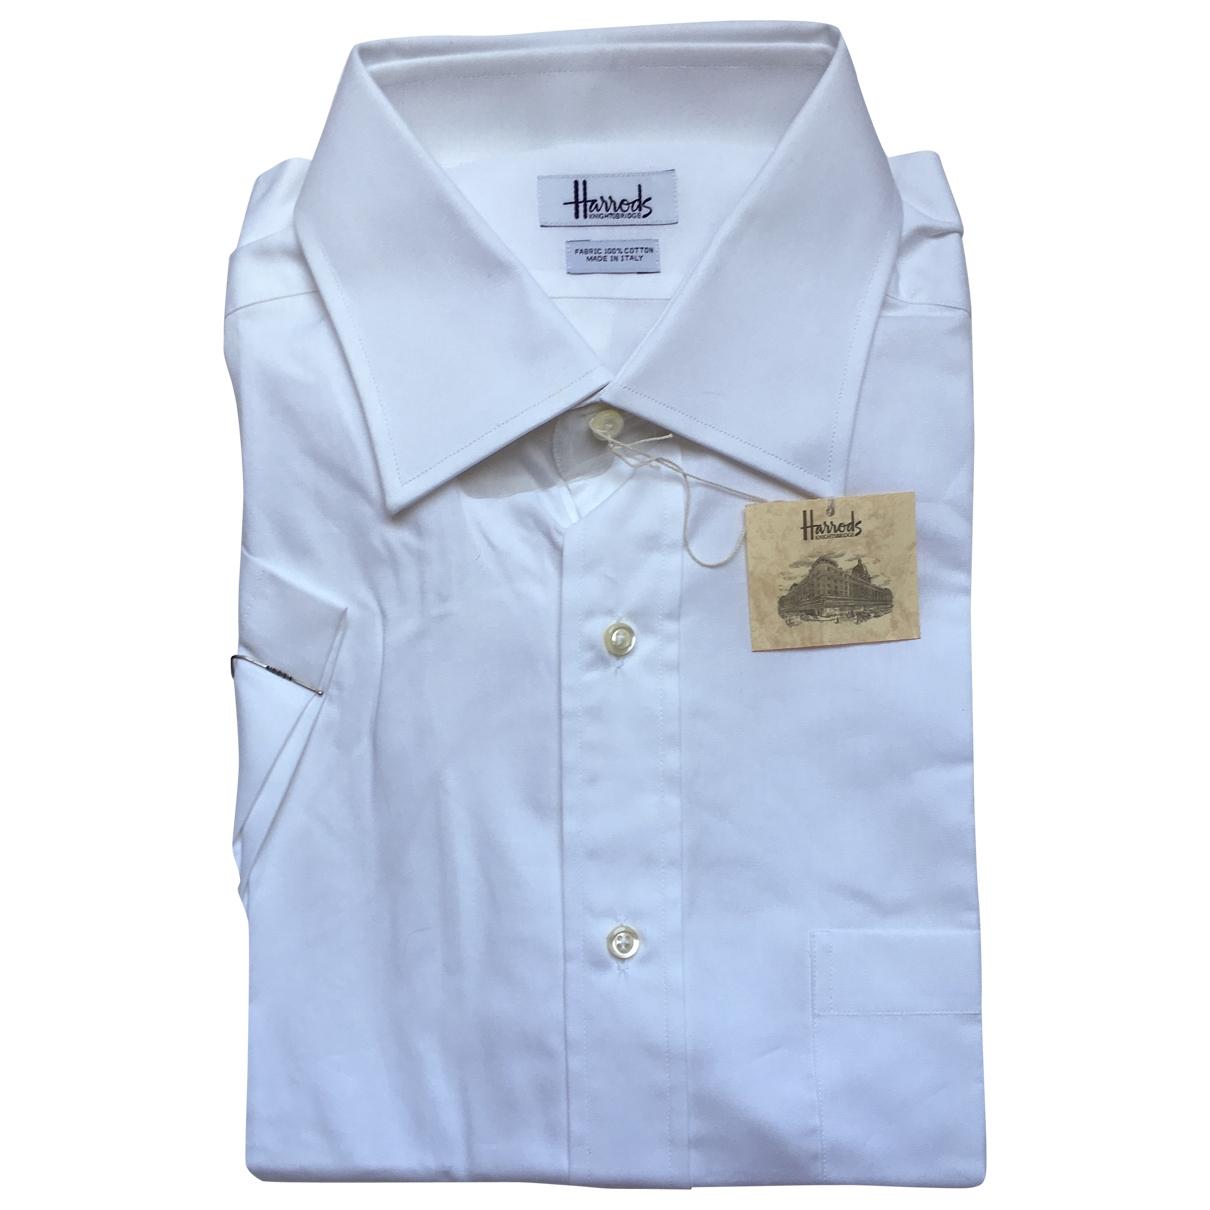 Harrods \N Hemden in  Weiss Baumwolle